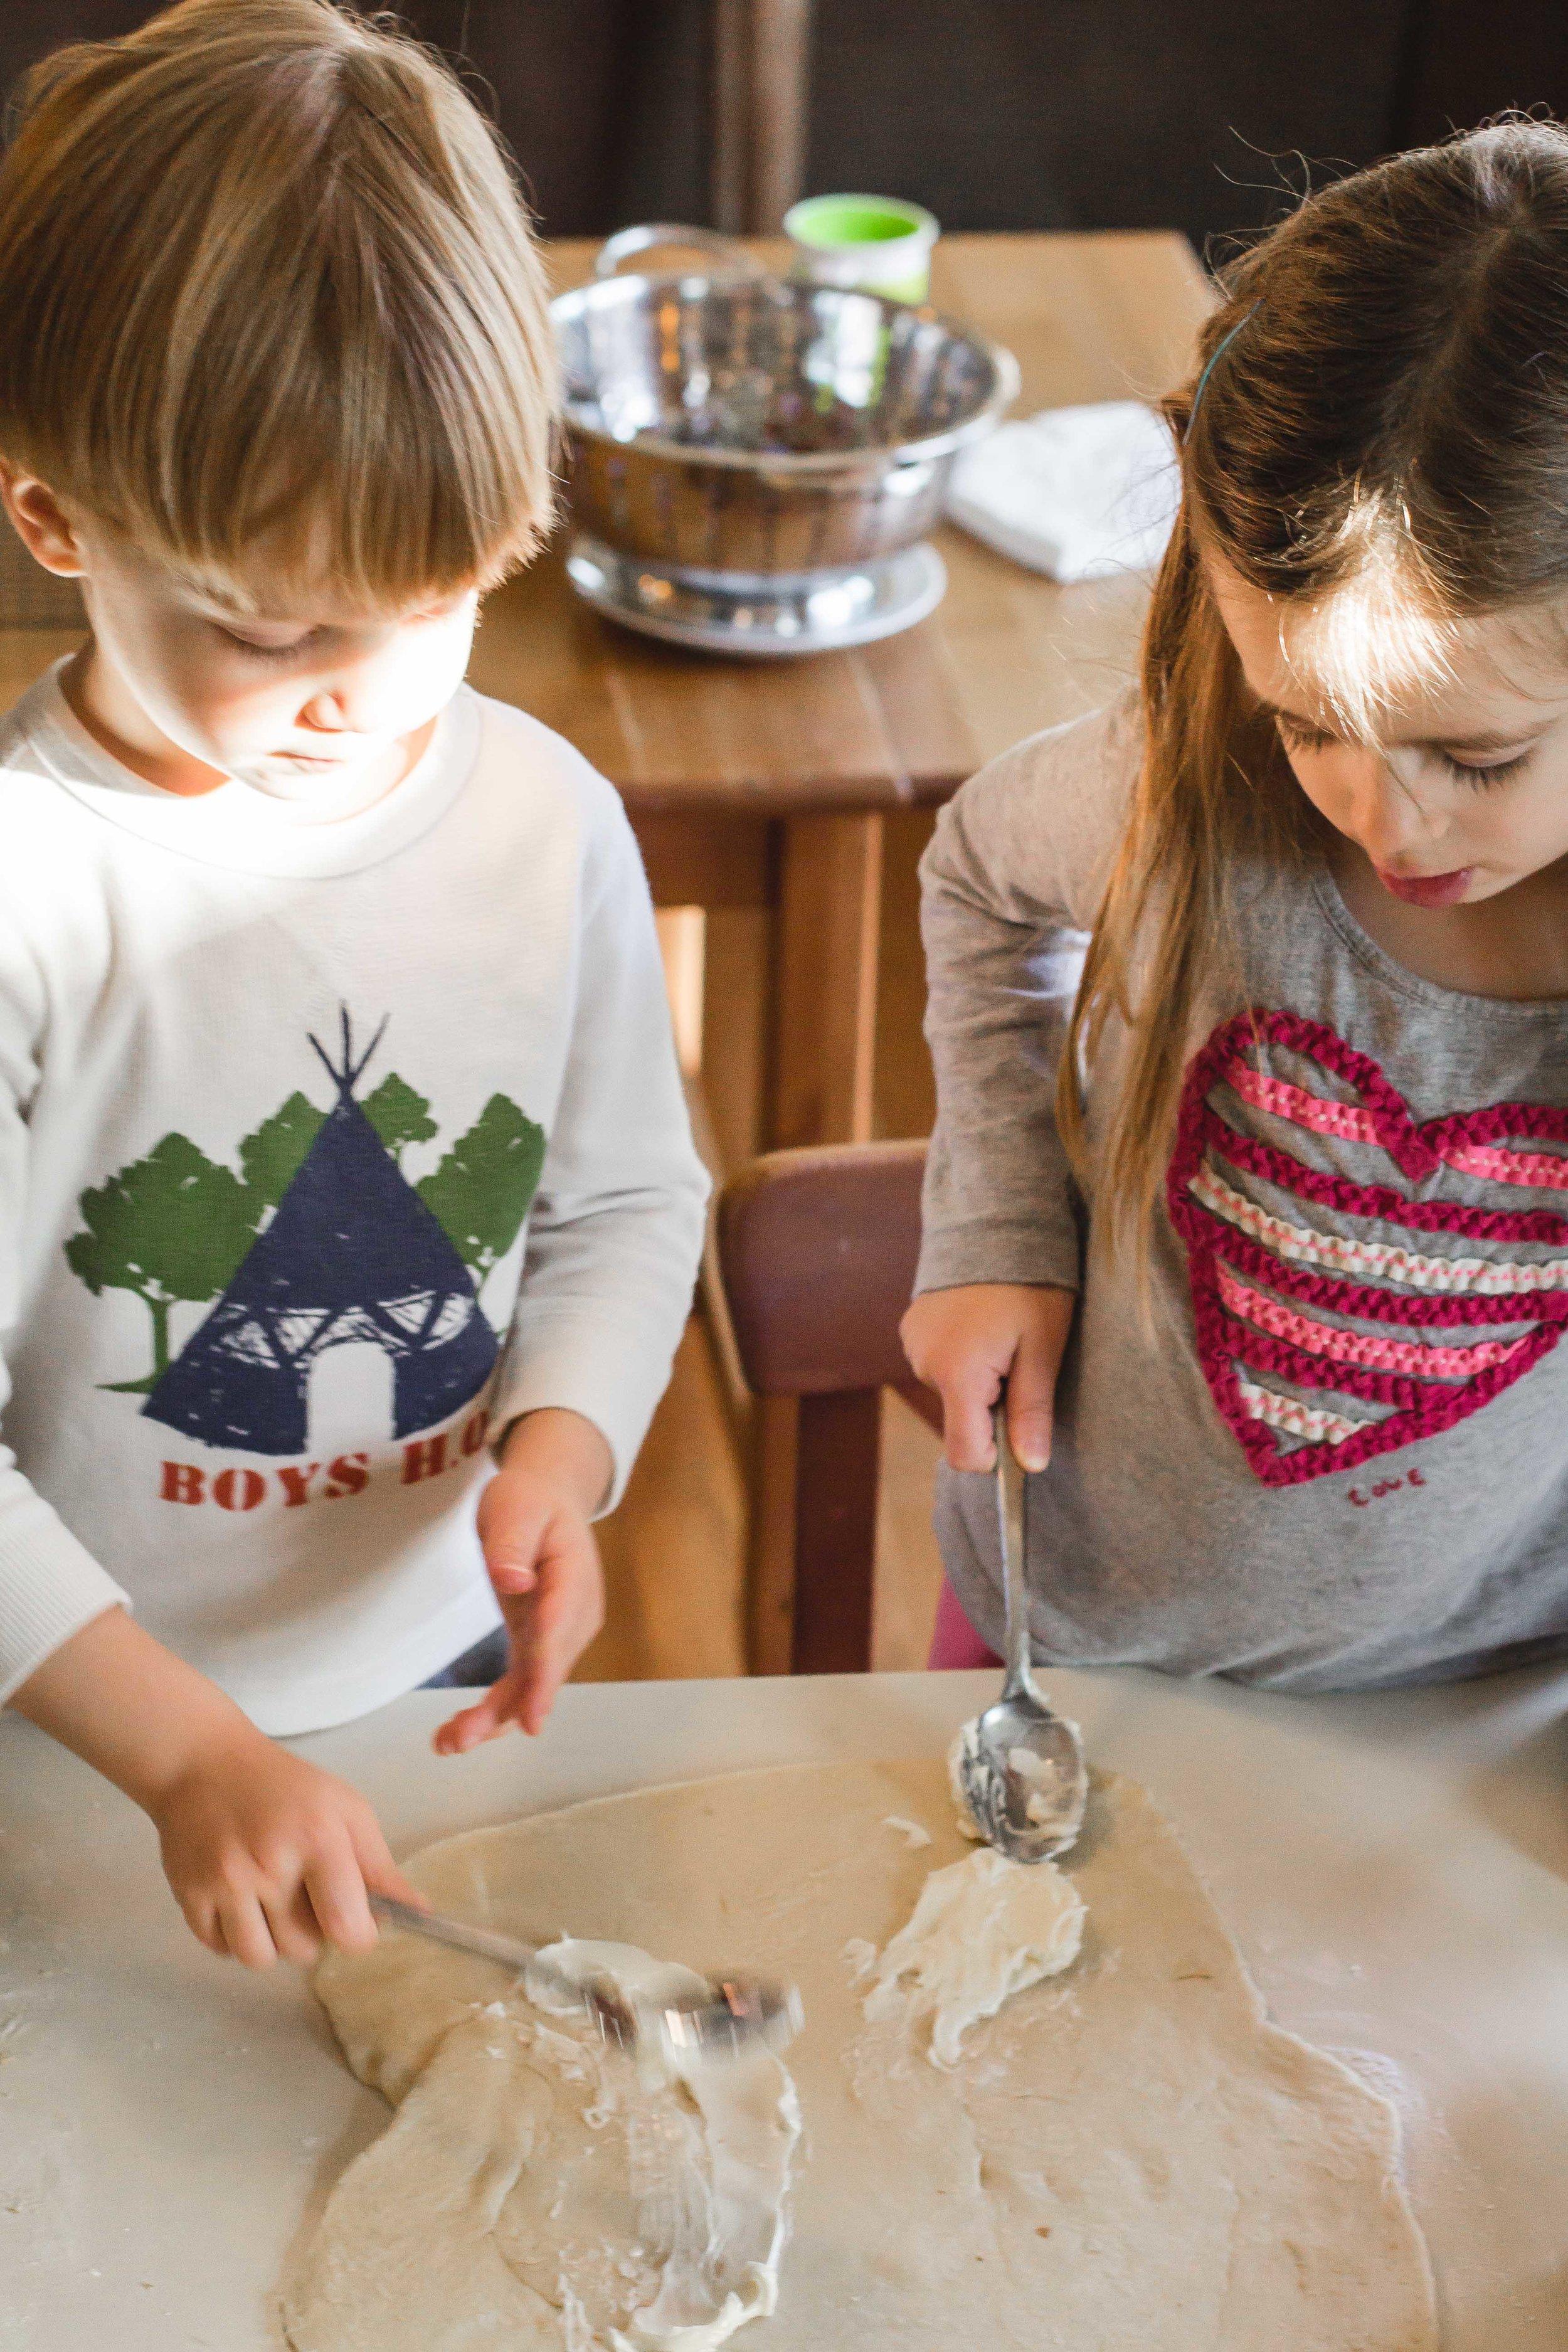 Swedish Tea Ring - Girls' Baking Day | Sarah J. Hauser-15.jpg